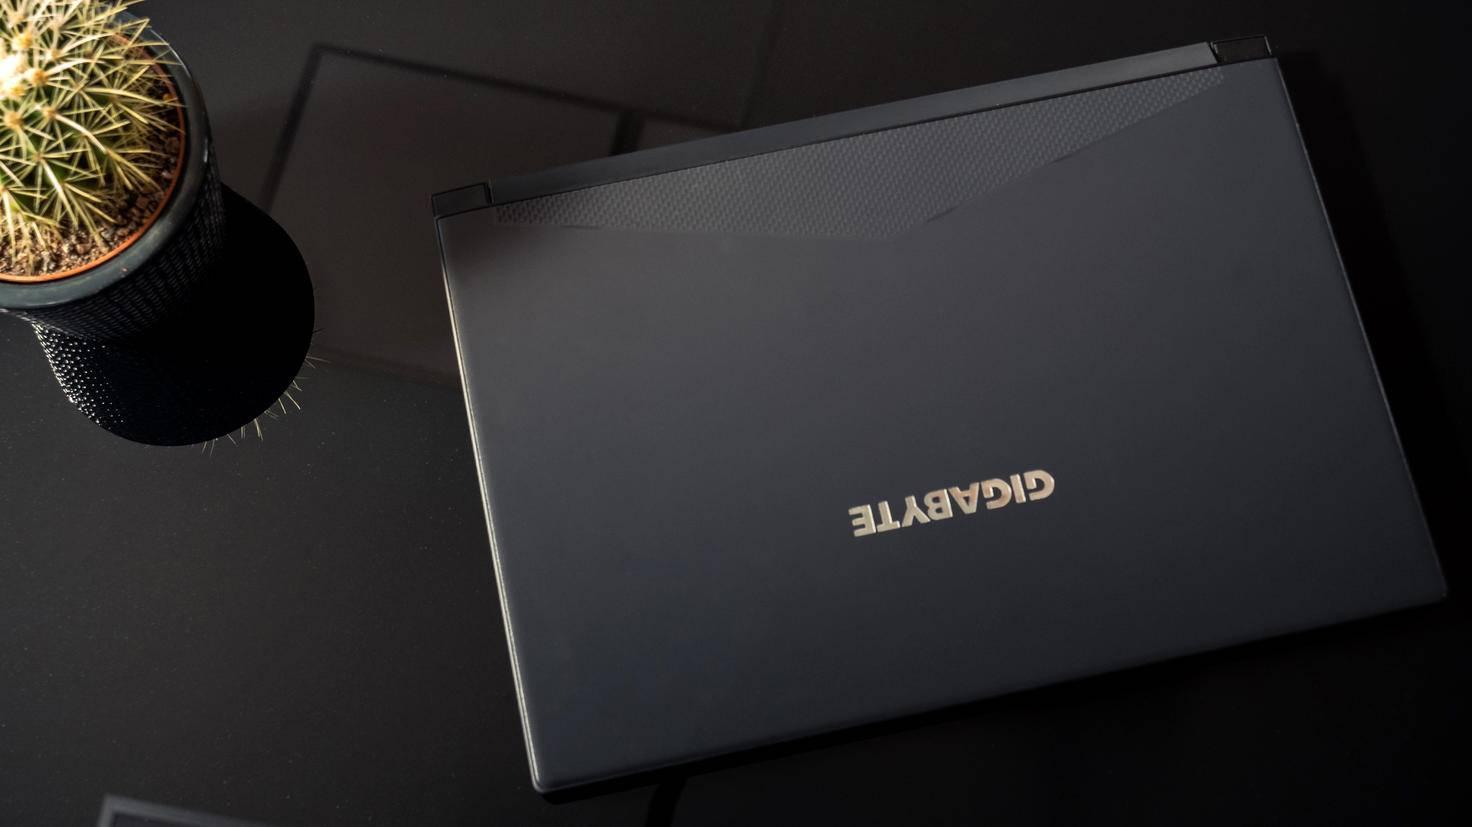 Das Gehäuse besteht aus schwarzem Aluminium.